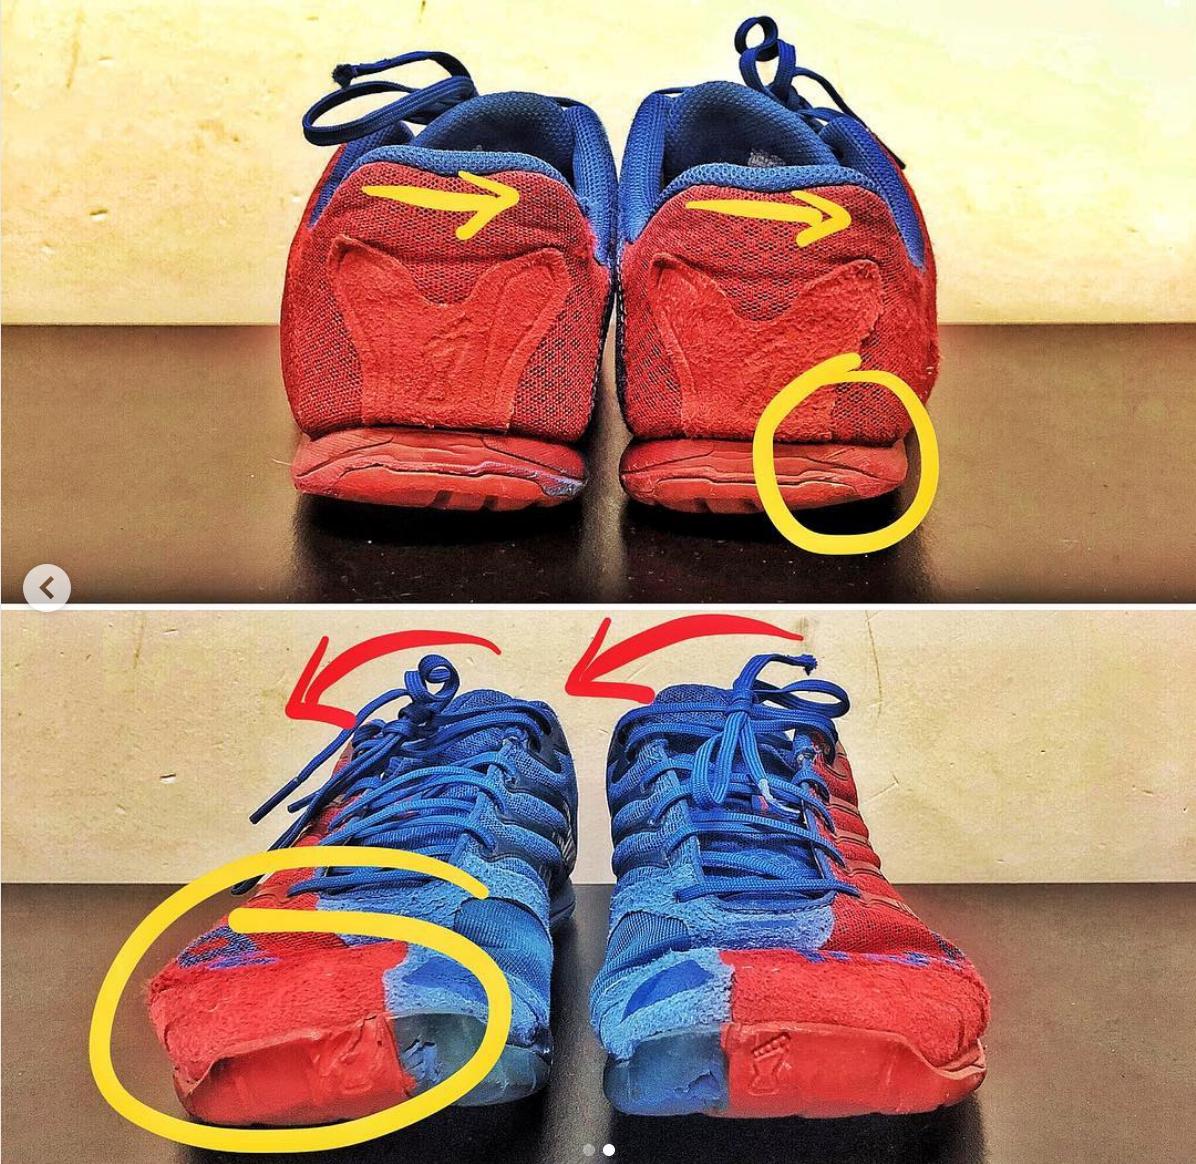 sneaker wear pattern